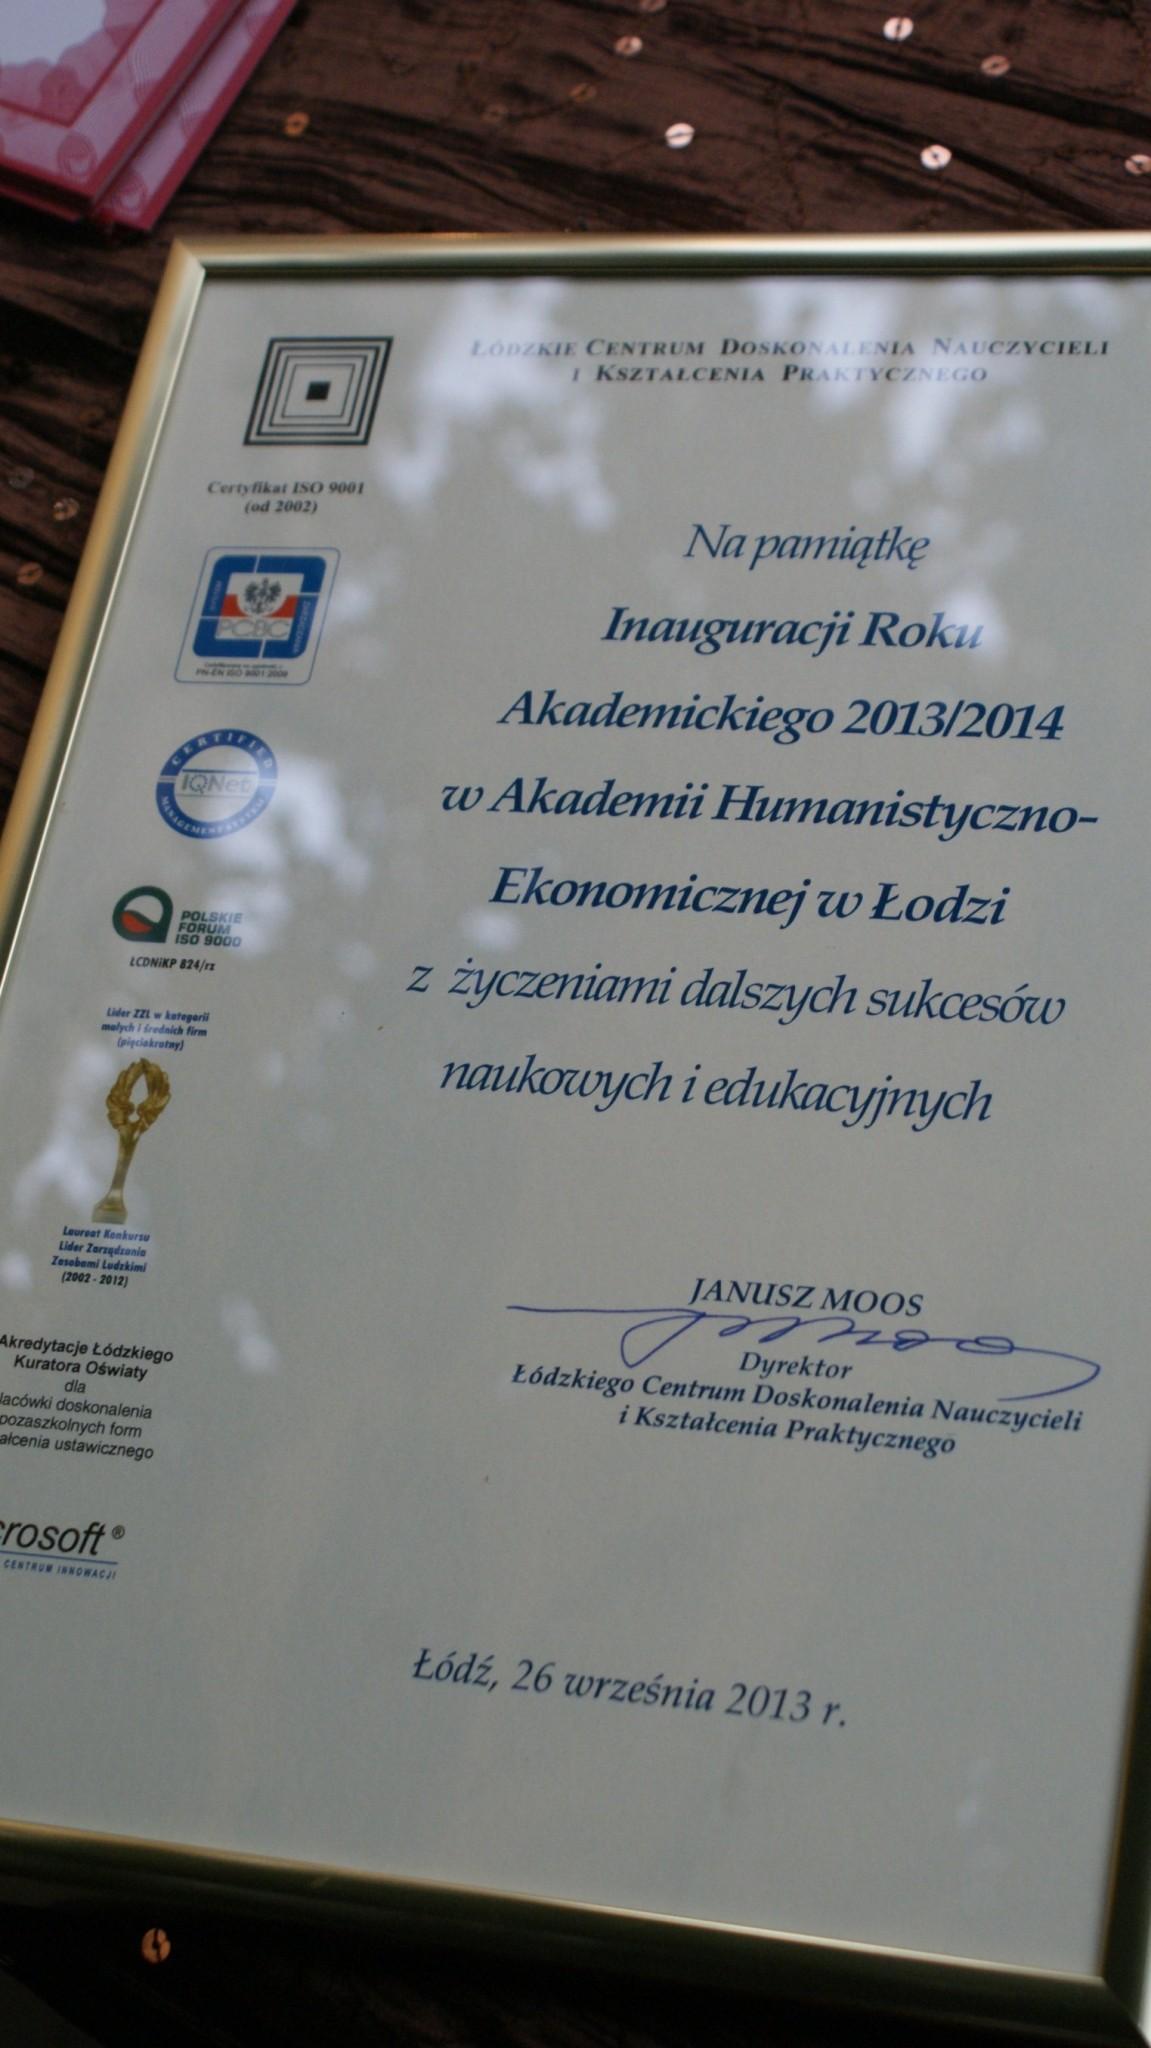 Inauguracja Roku Akademickiego - Patio 8